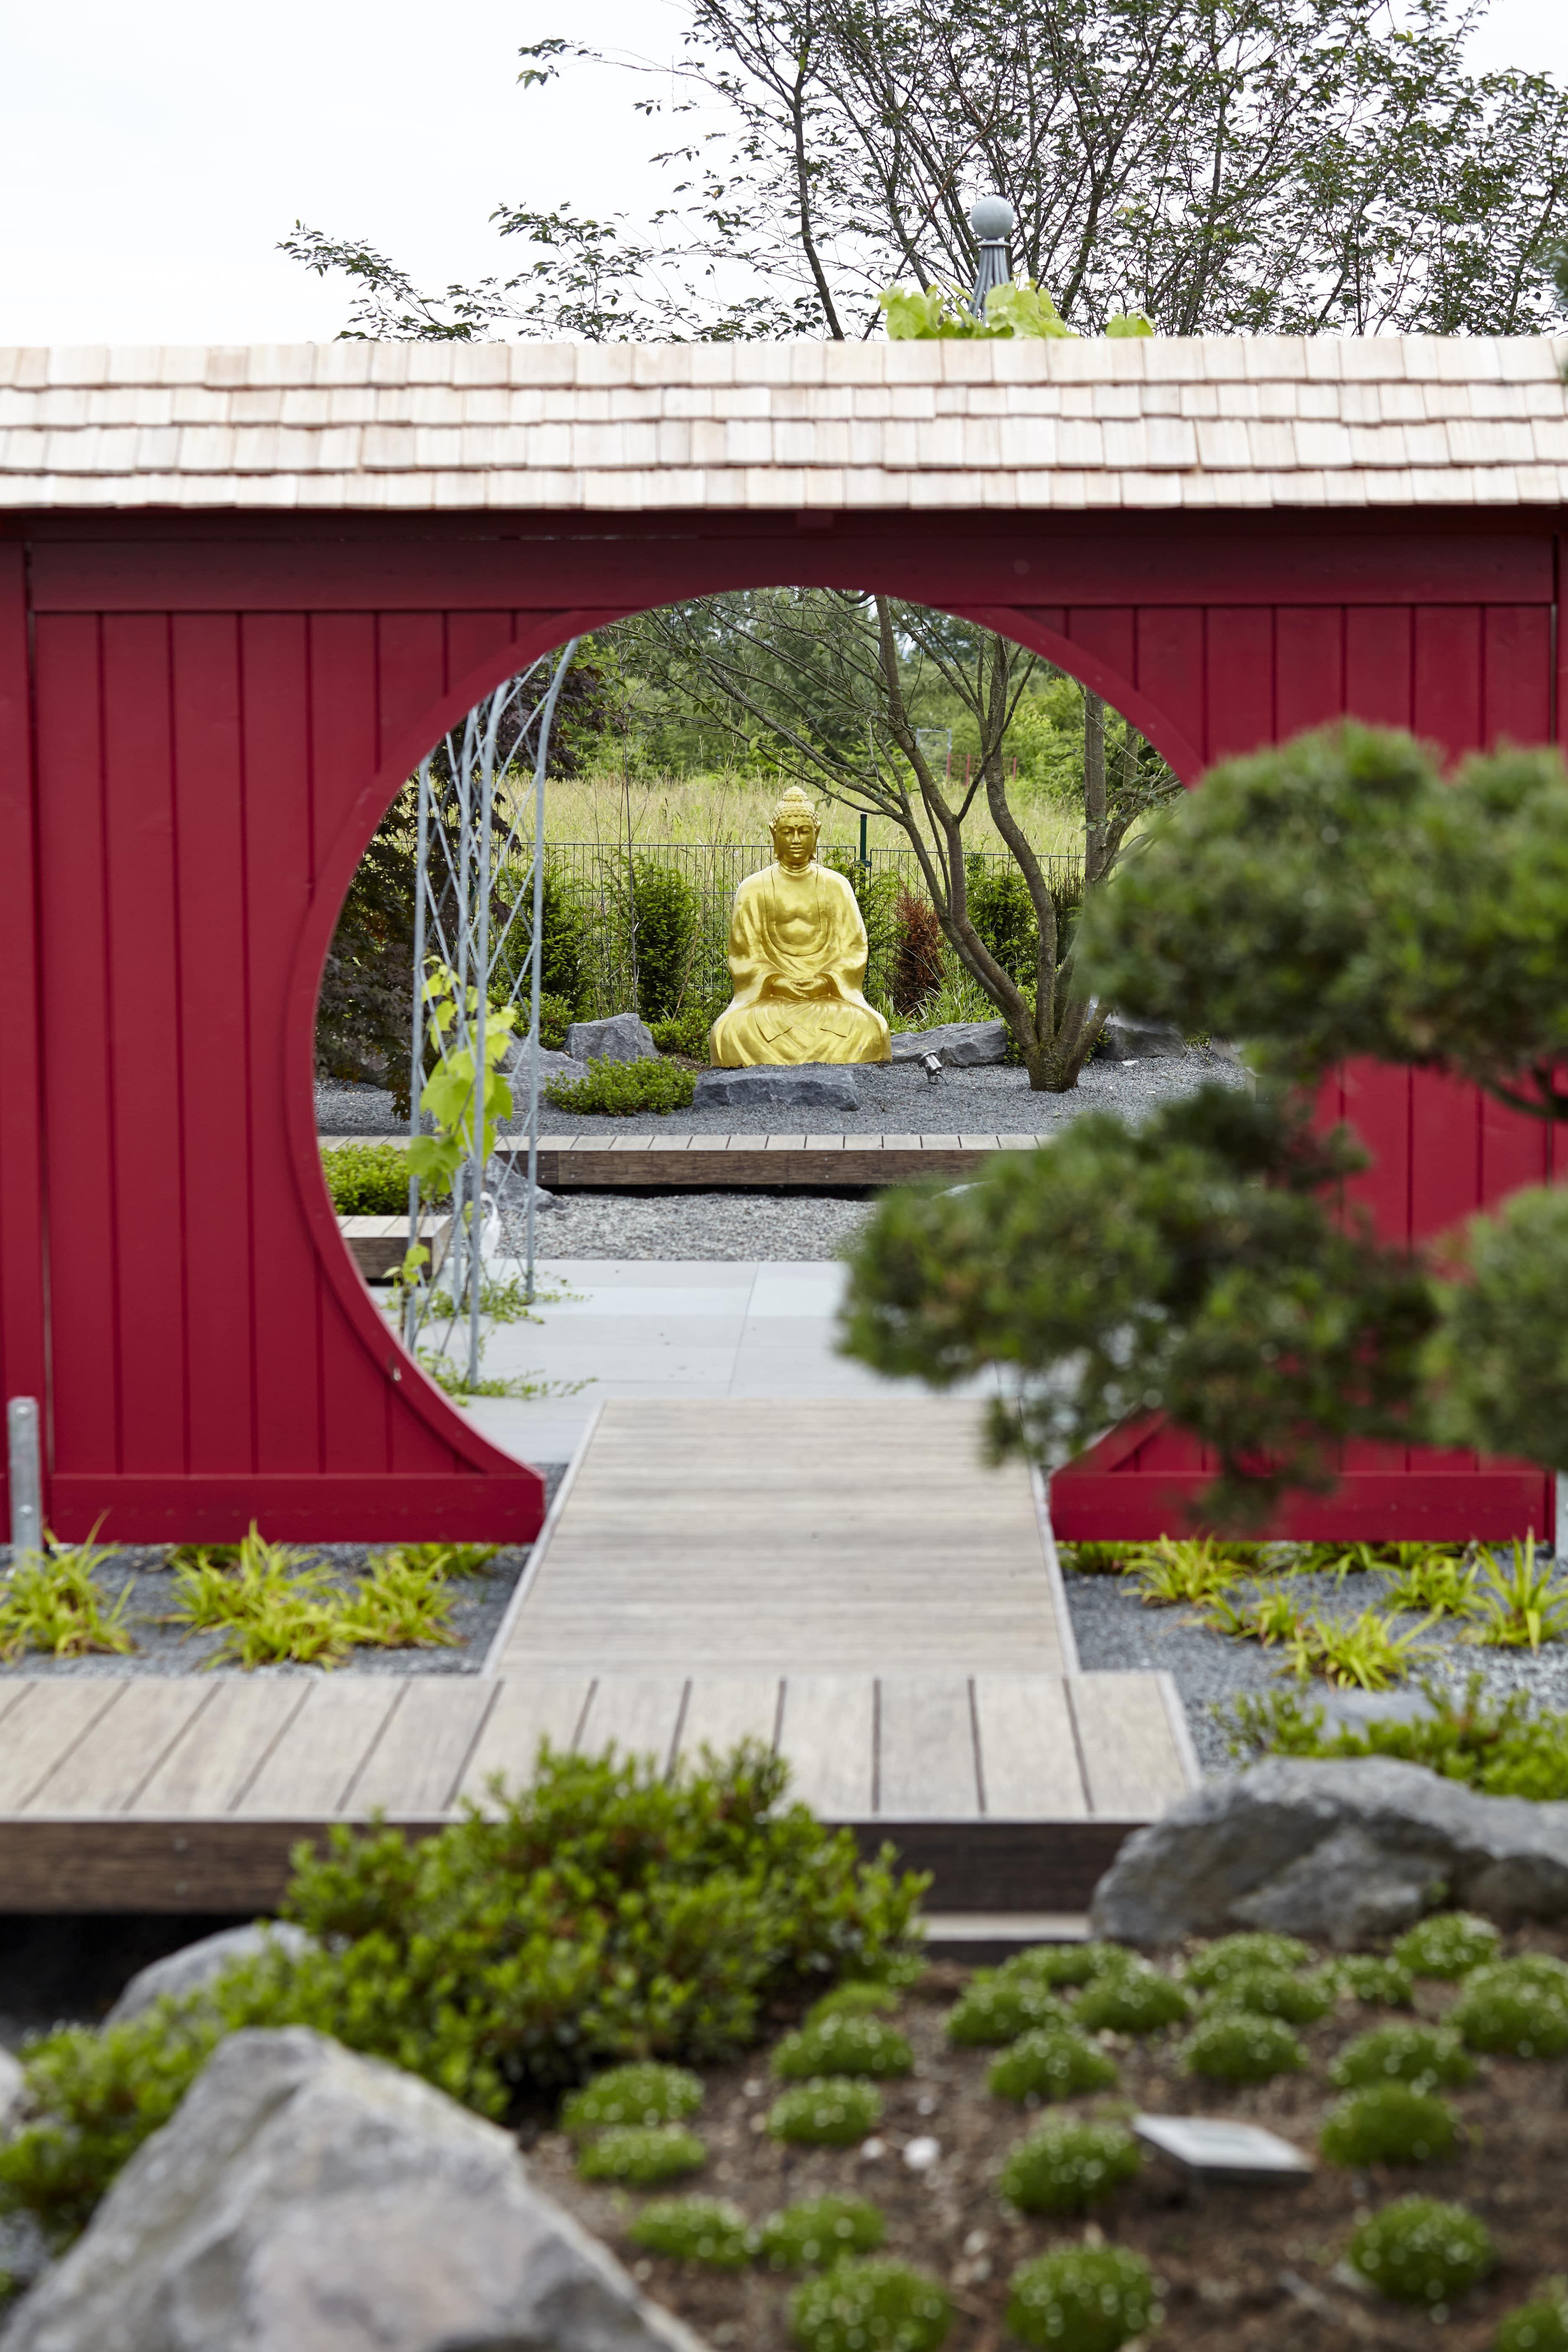 Goldener Buddha In Japanischem Garten Designed By Rheingrun Gartengestaltung Garten Kleiner Japanischer Garten Gartendesign Ideen